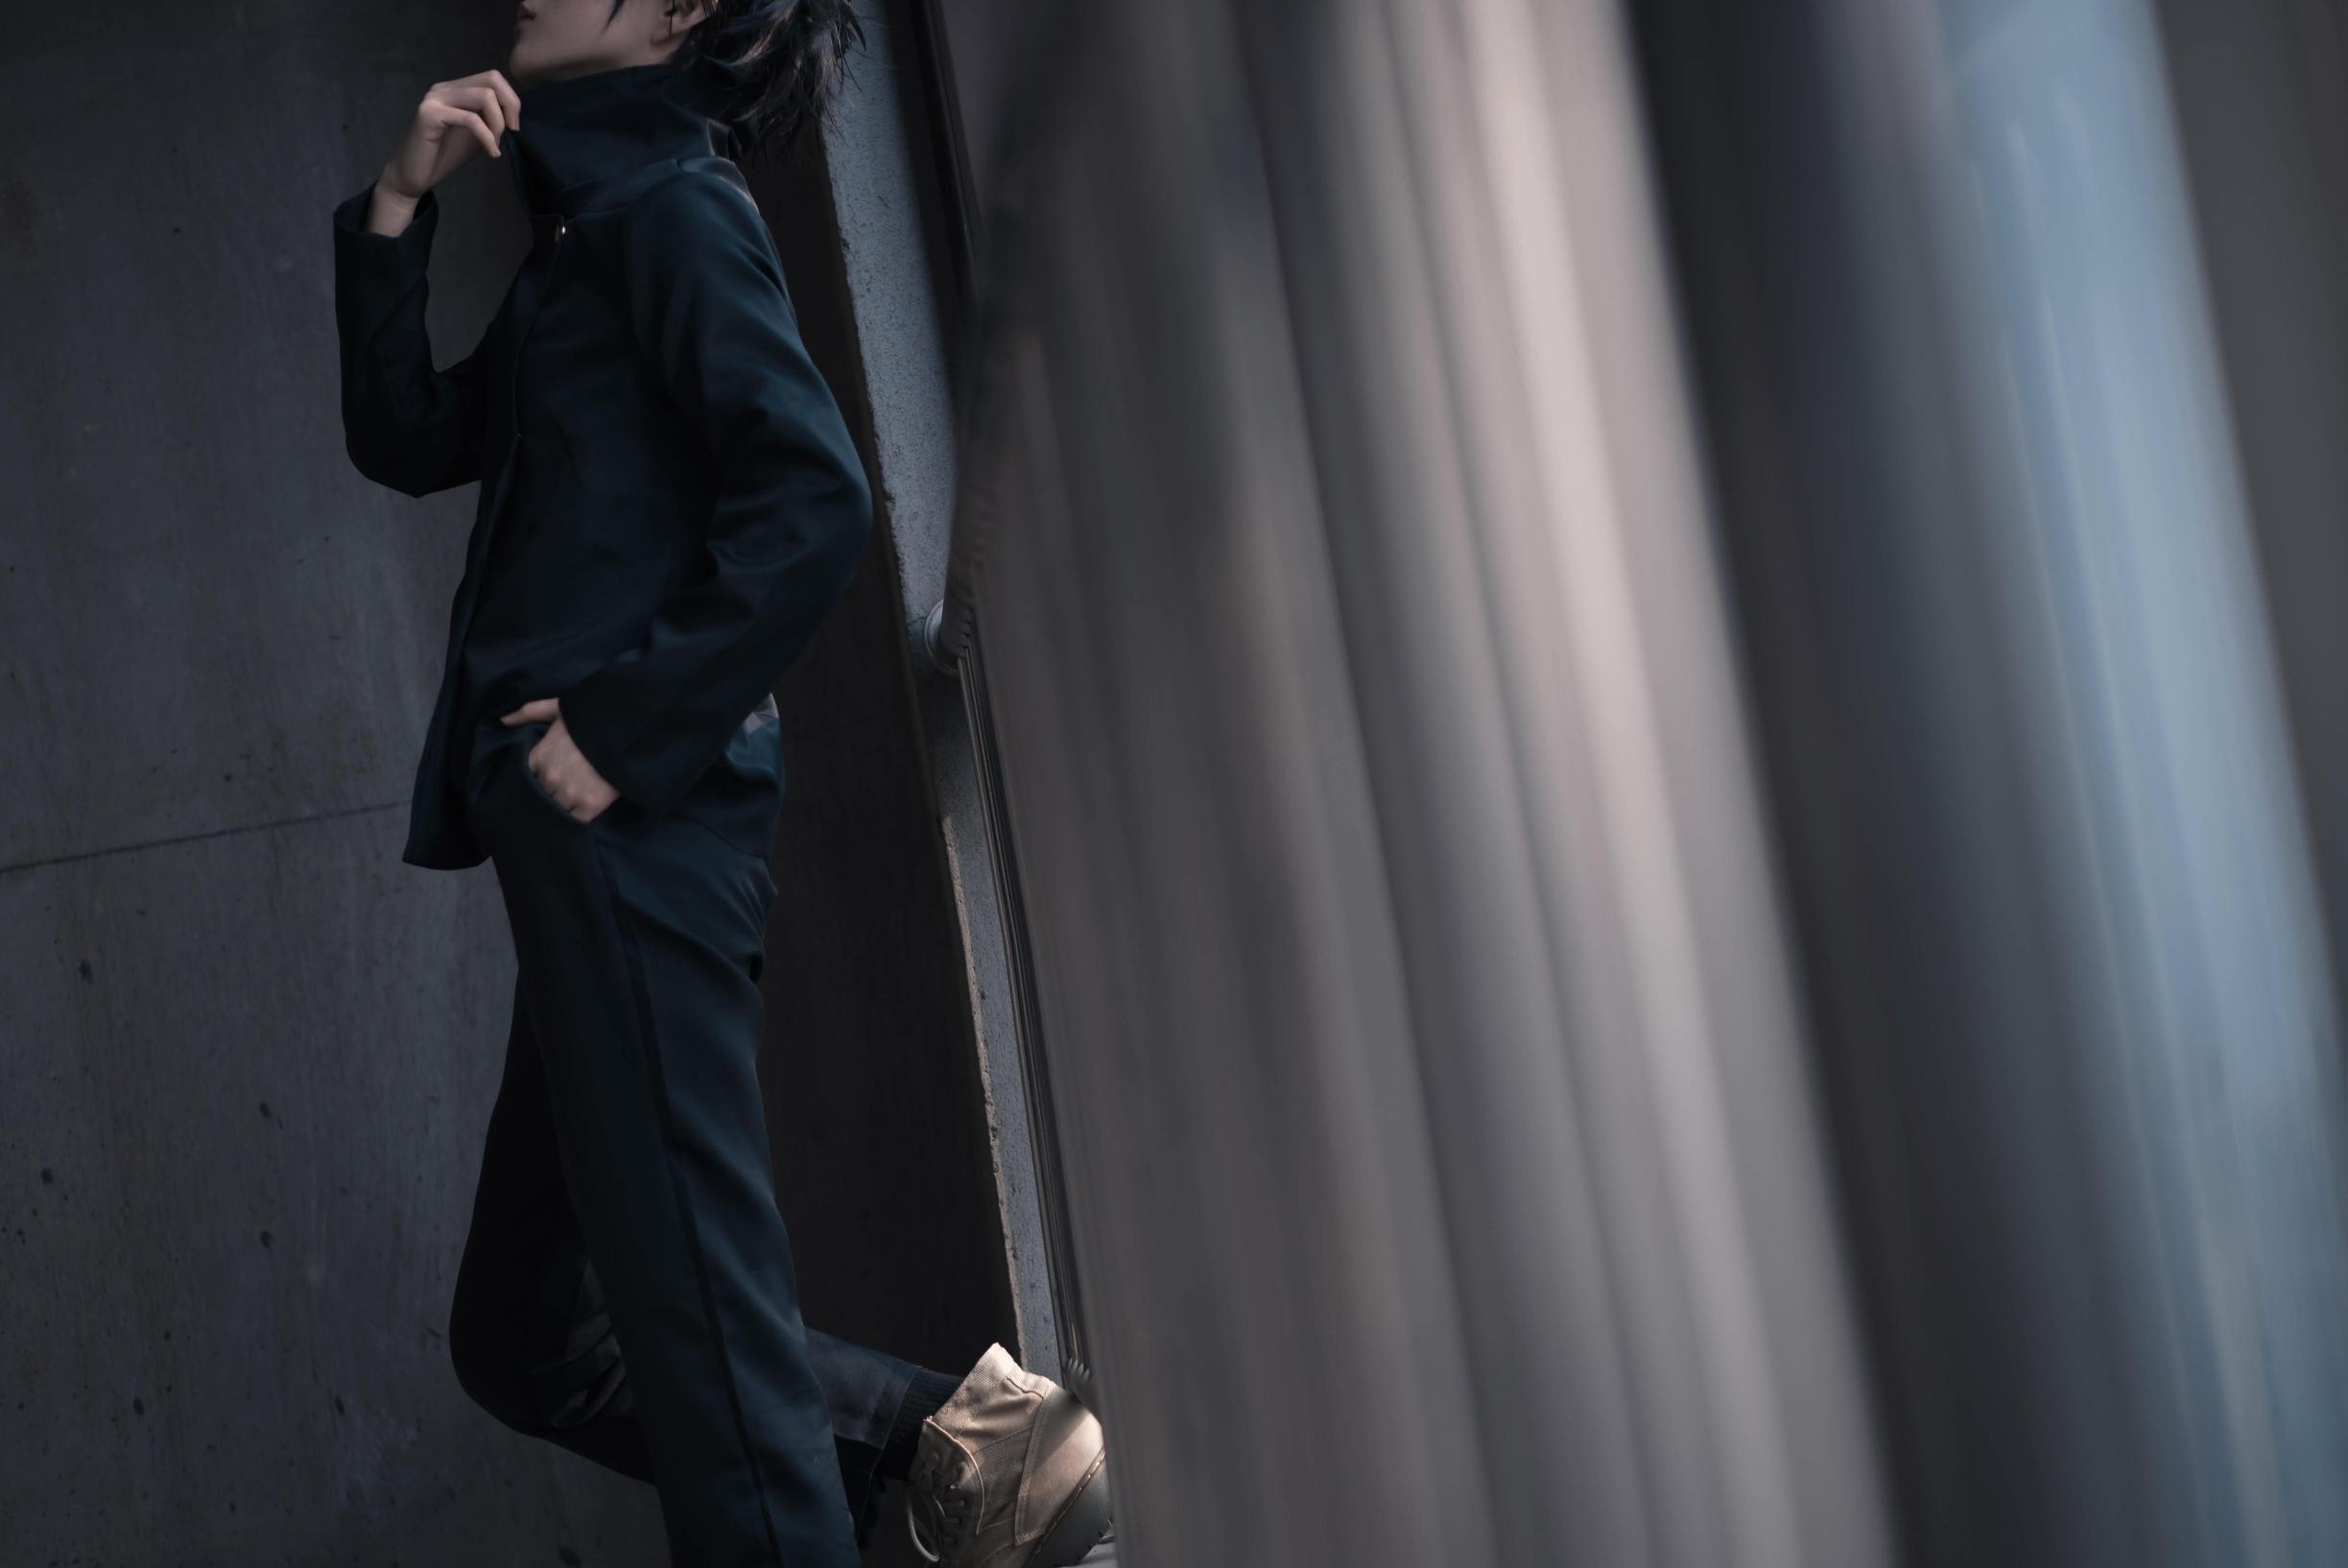 《咒术回战》推荐cosplay【CN:物部弥生】-第4张